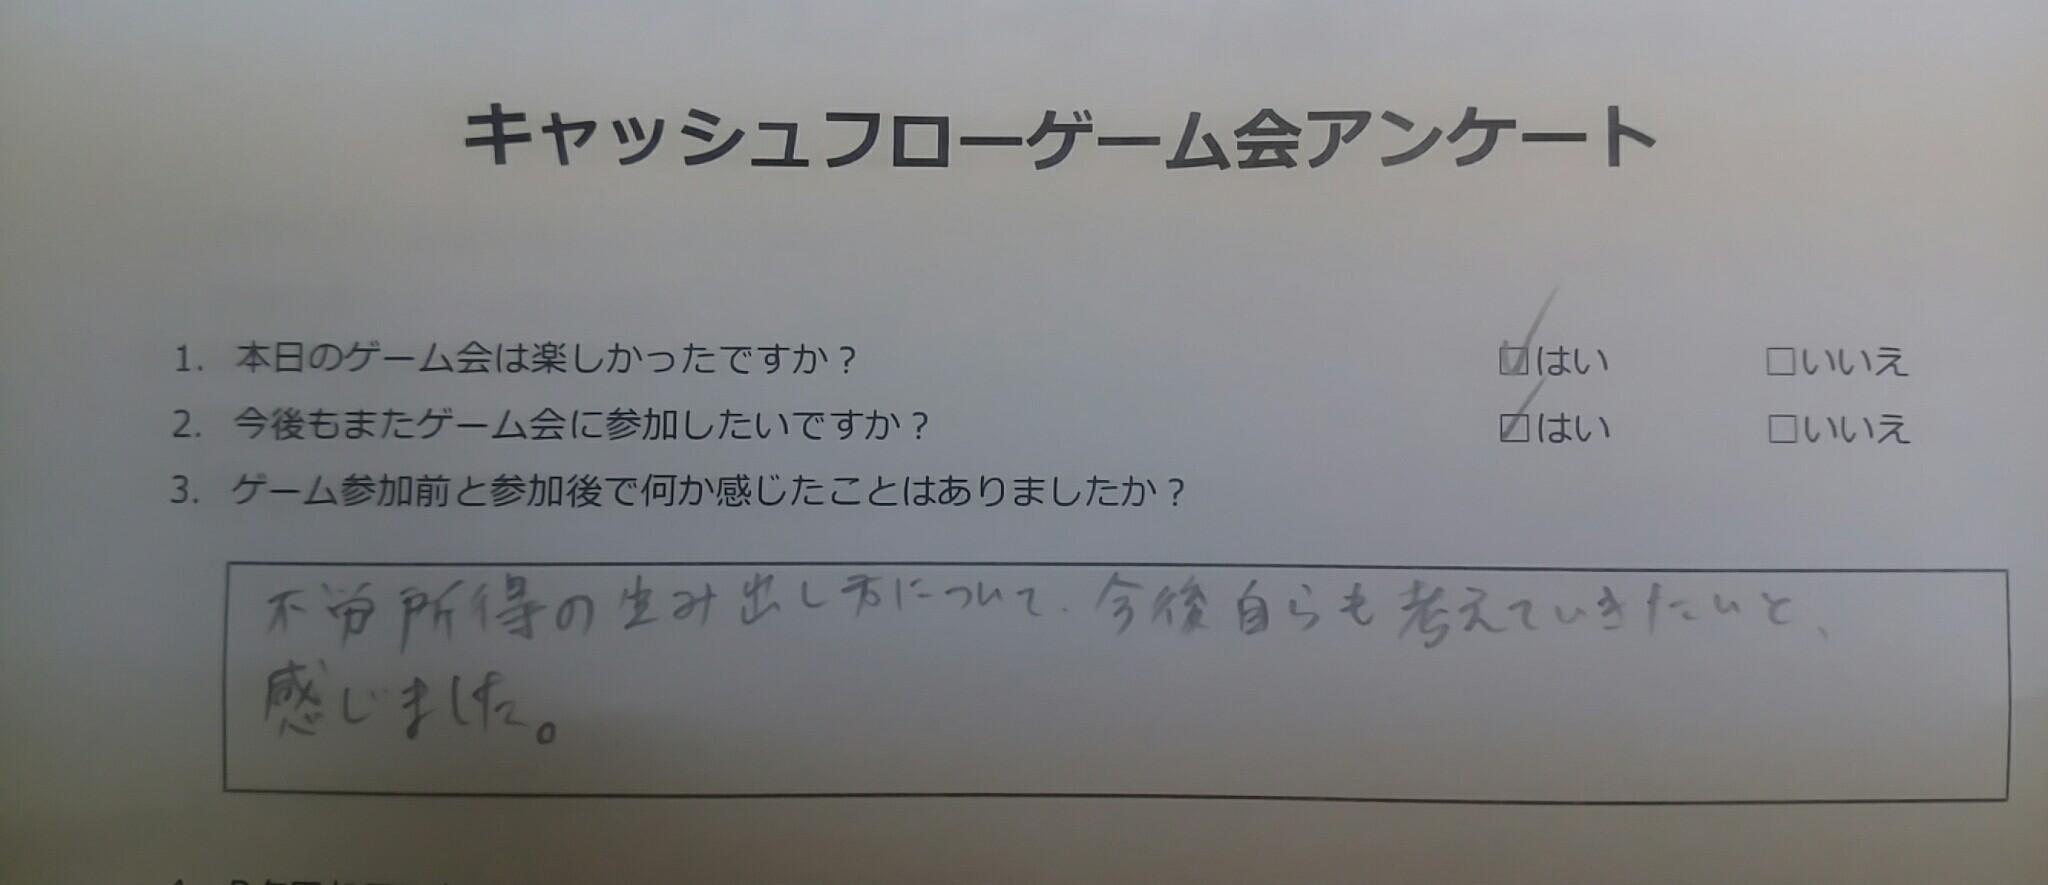 キャッシュフローゲームアンケート②